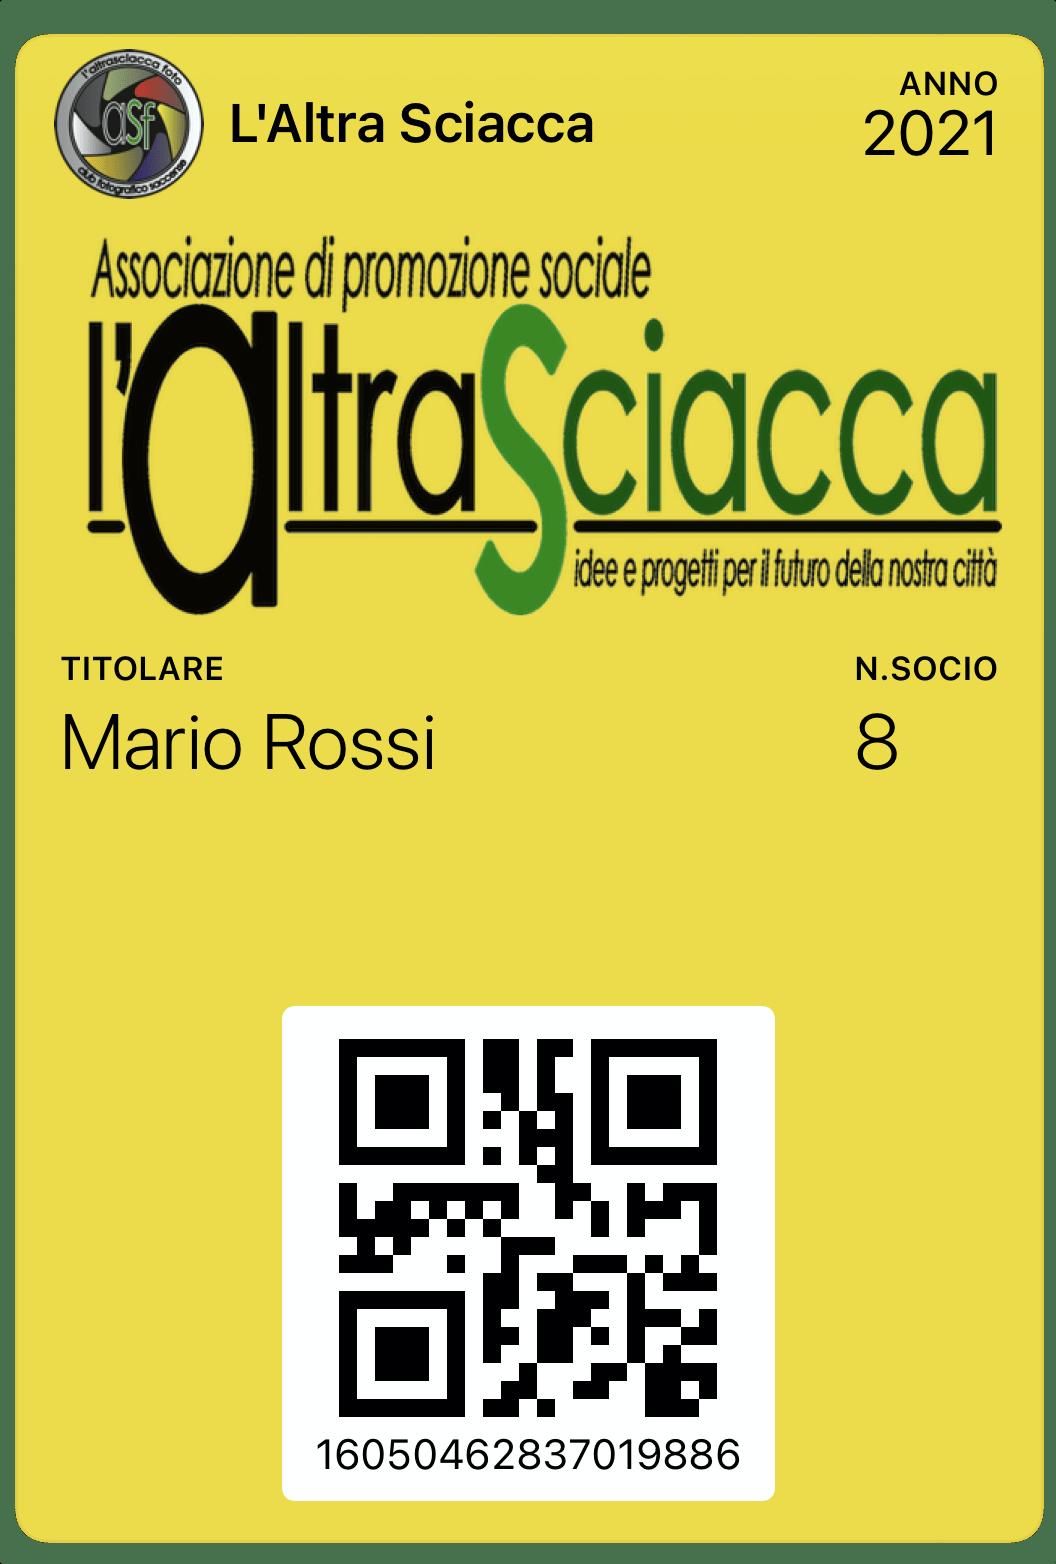 l'altra_sciacca_card_wallyfor